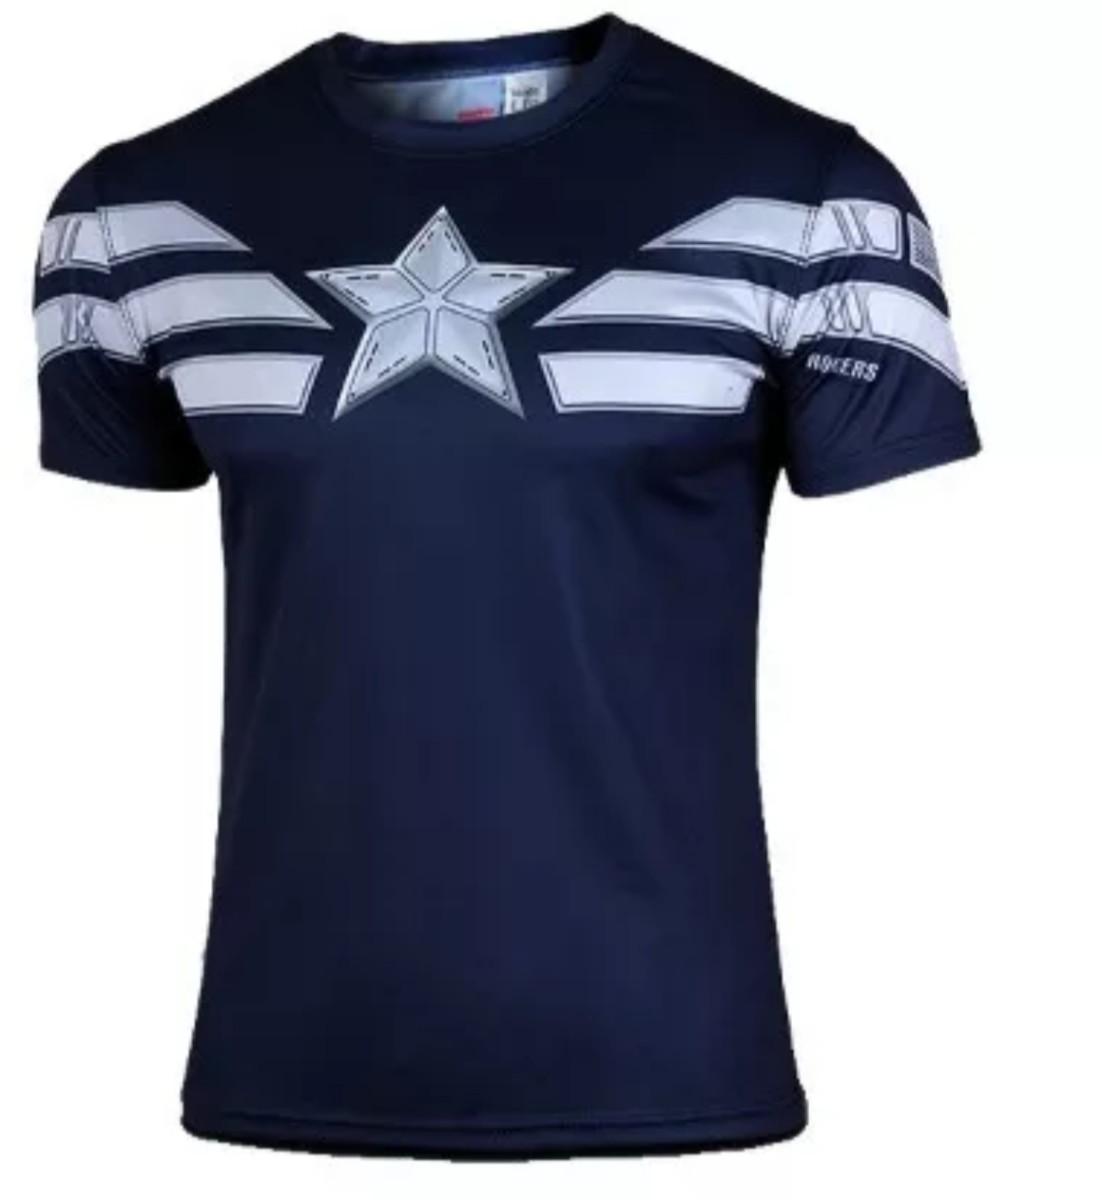 Camisa Compressão Capitão América Camiseta Manga Curta Slim no Elo7 ... 536a717fca343